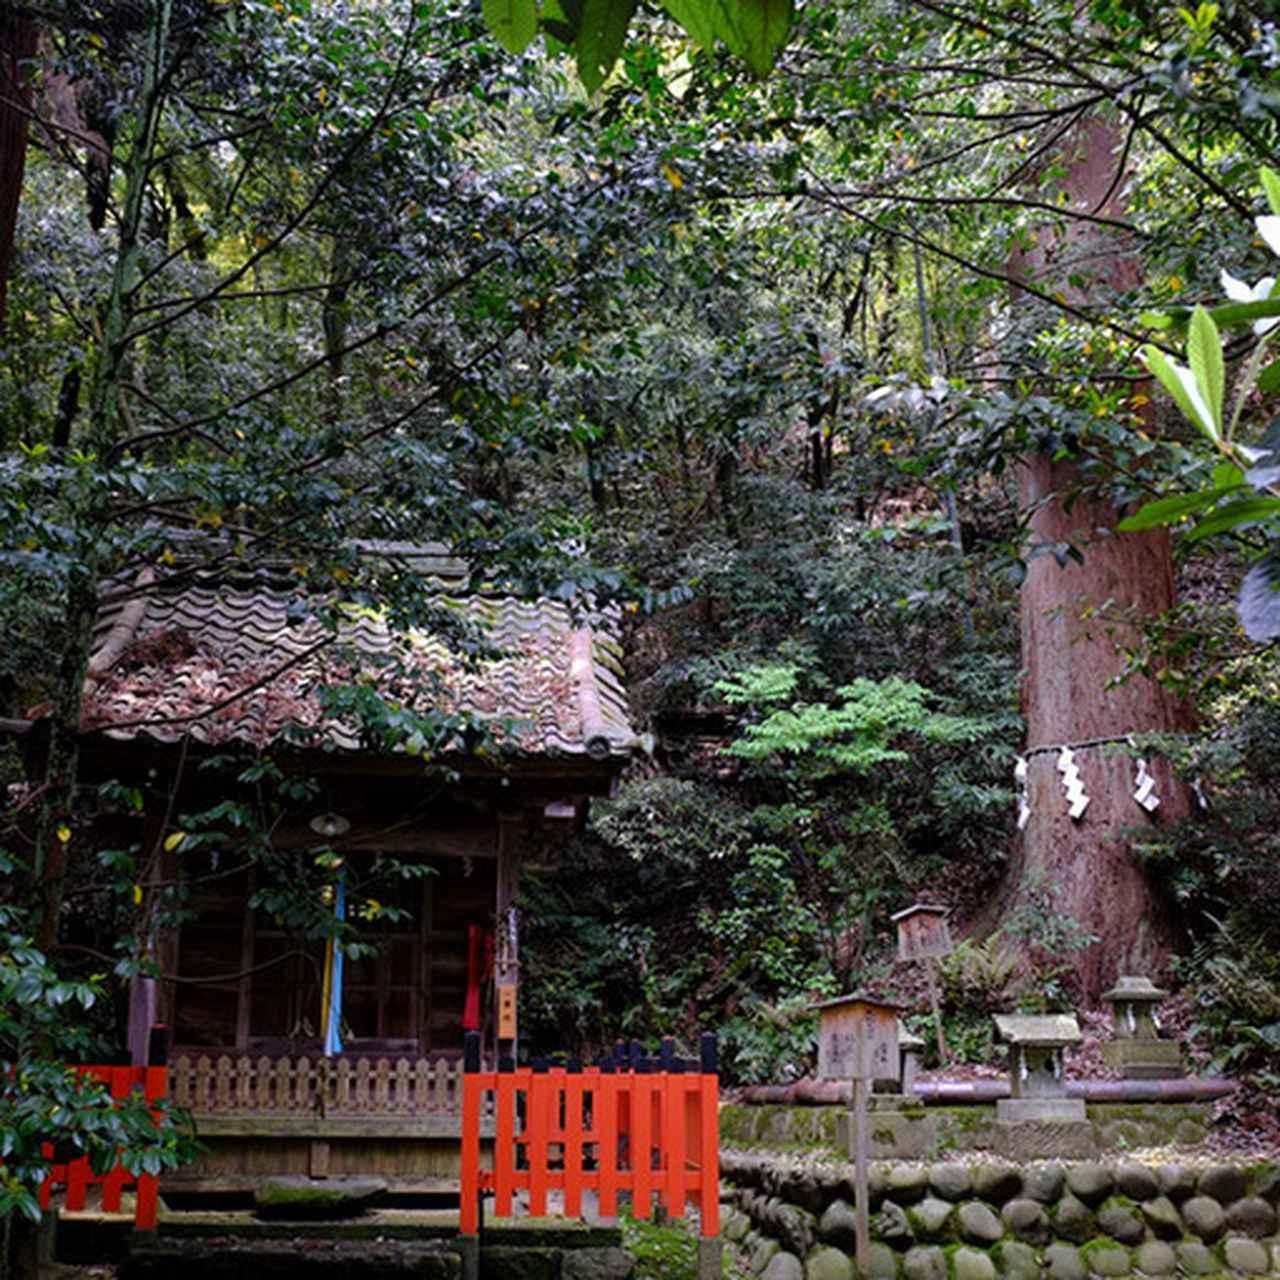 画像: ご神木、市指定天然記念物の大杉。横には八幡神社が並んでいます。